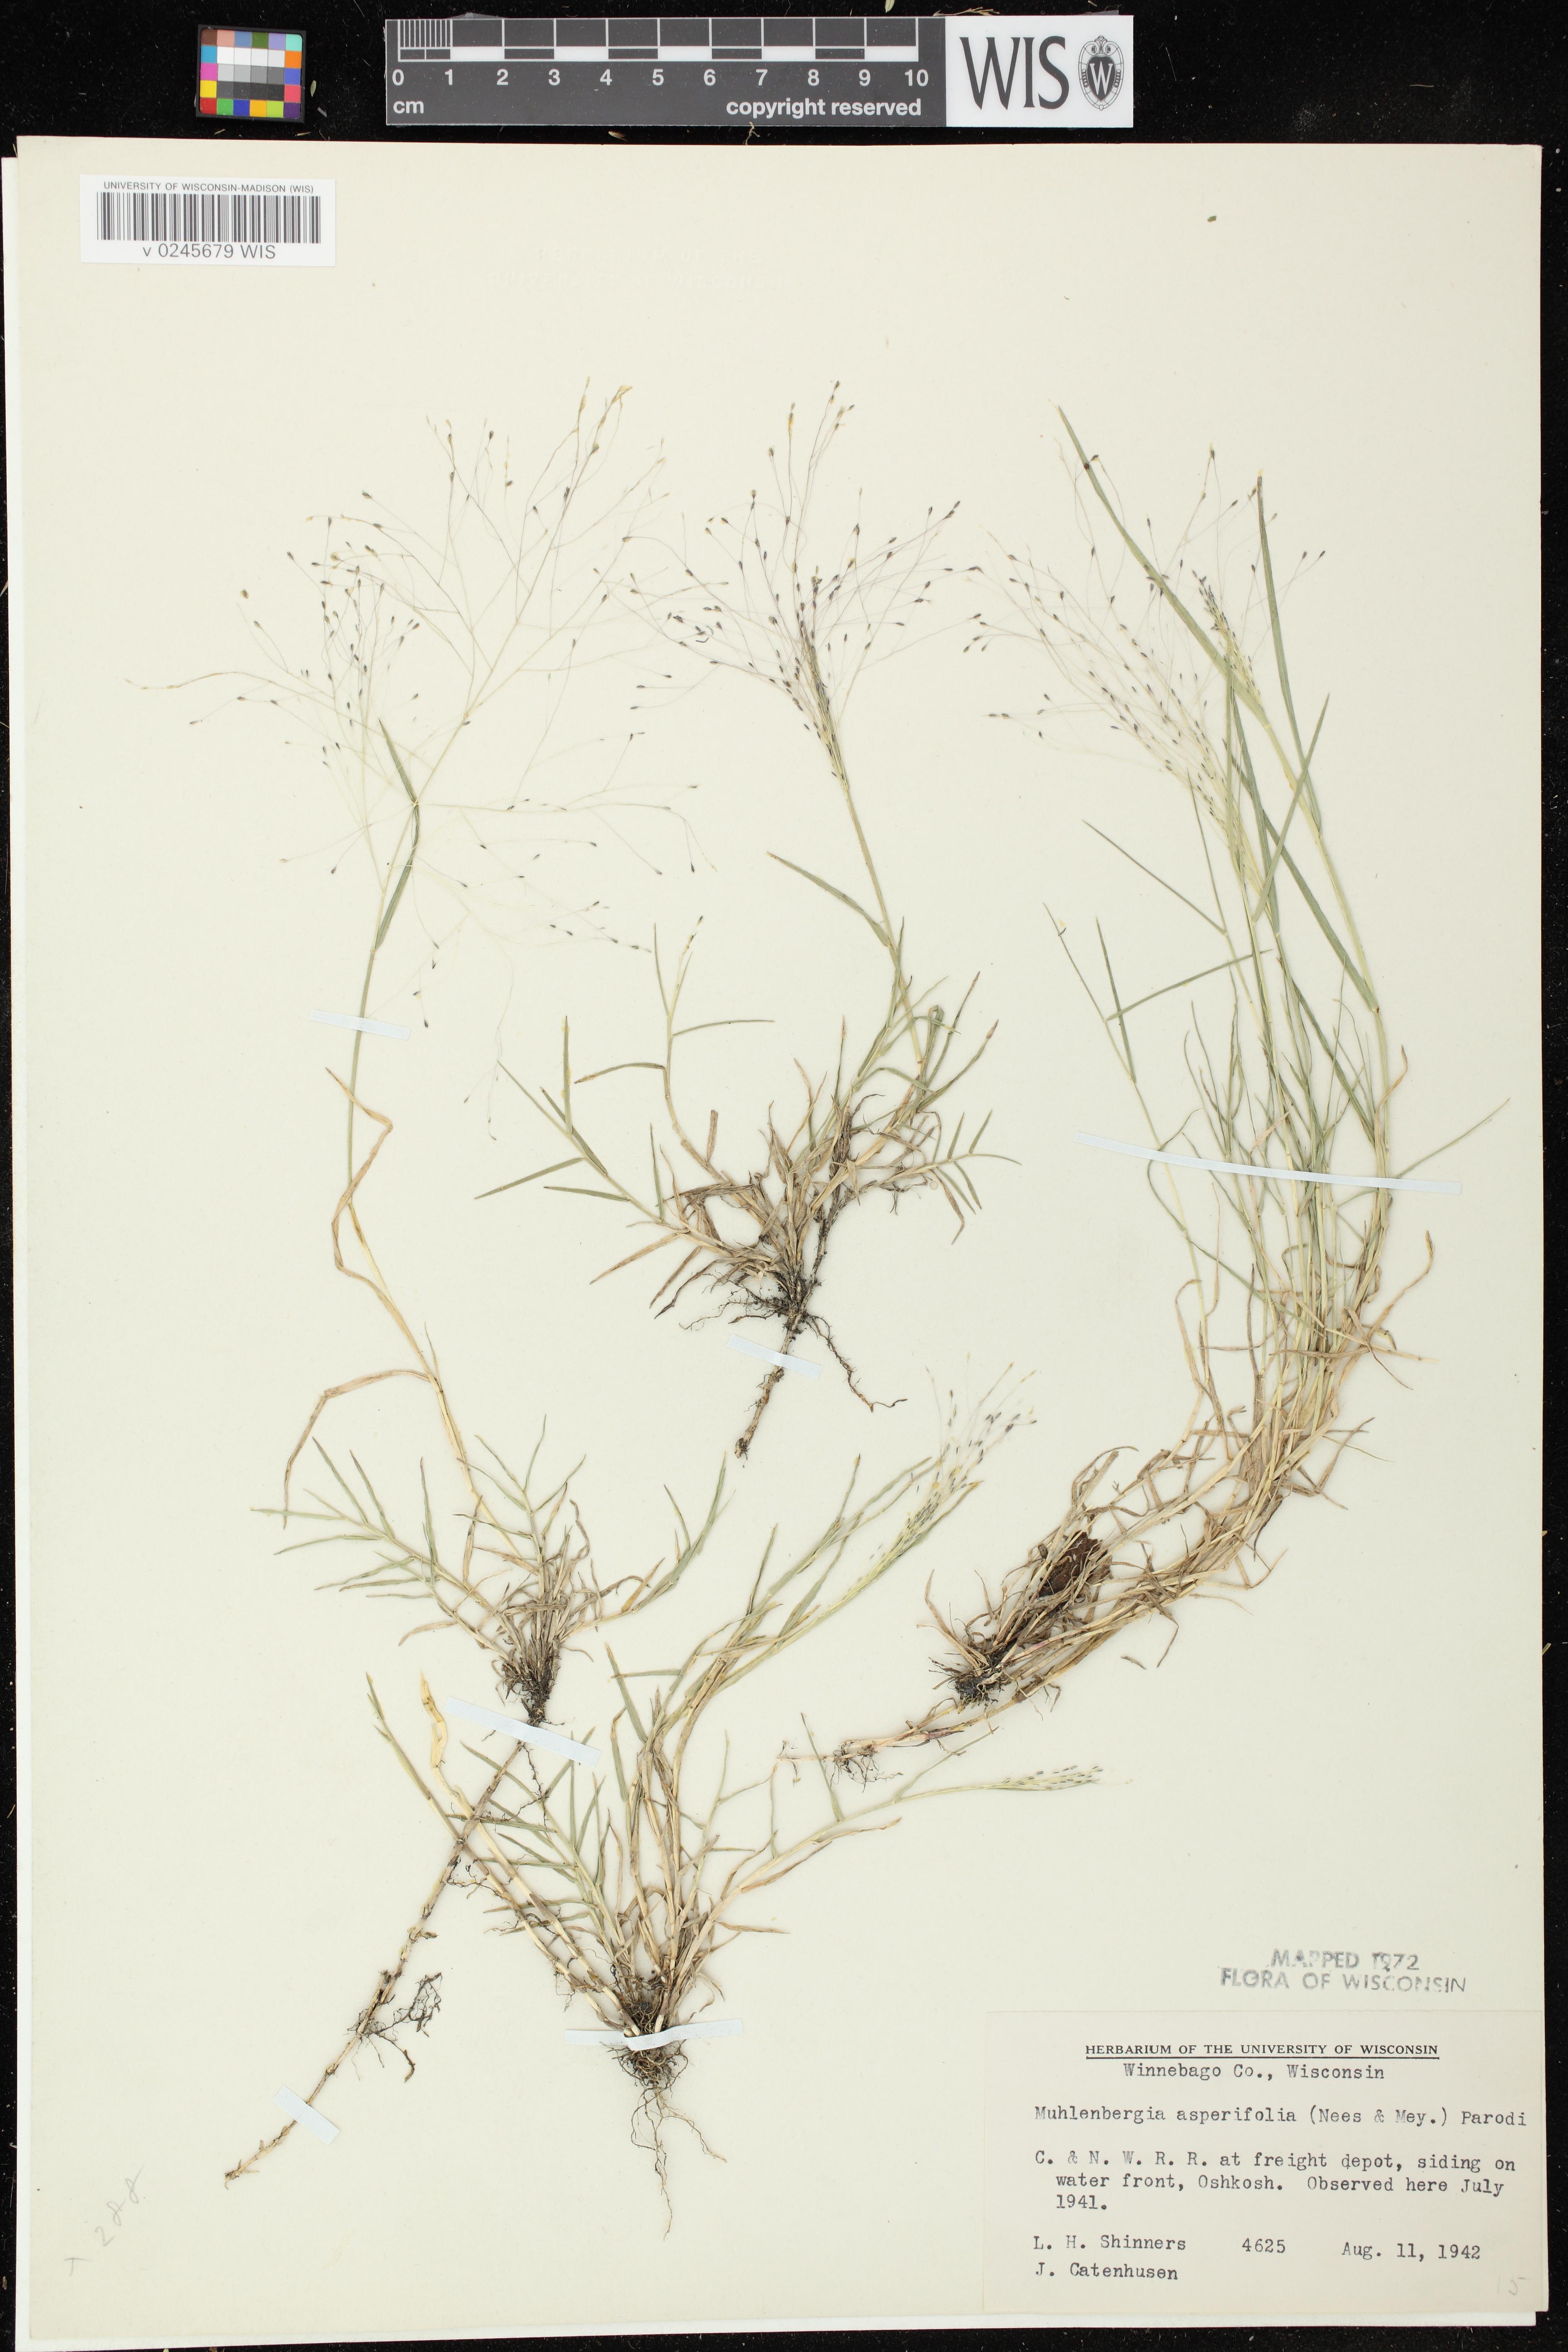 Image of Muhlenbergia asperifolia